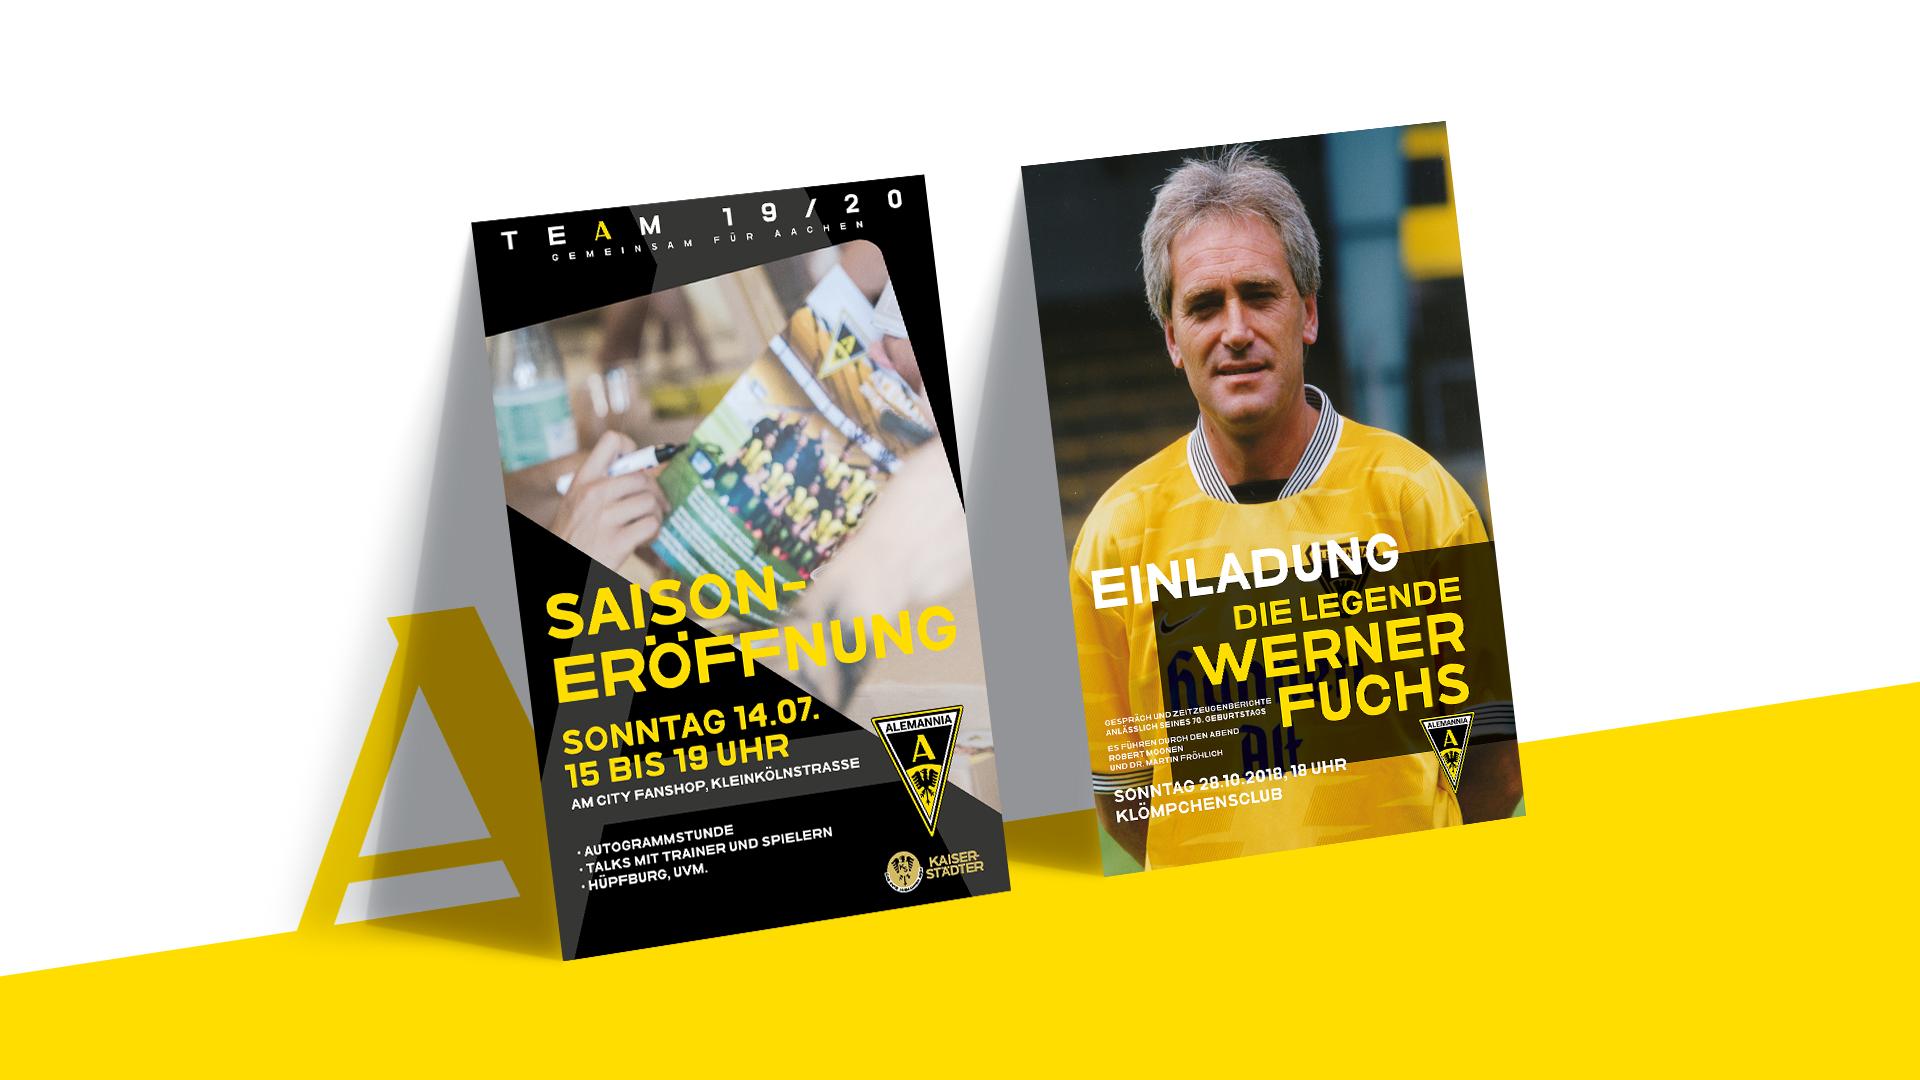 Zwei Eventplakate von Alemannia Aachen zur alljährlichen Saisoneröffnung und einem Vortrag zur Person Werner Fuchs.